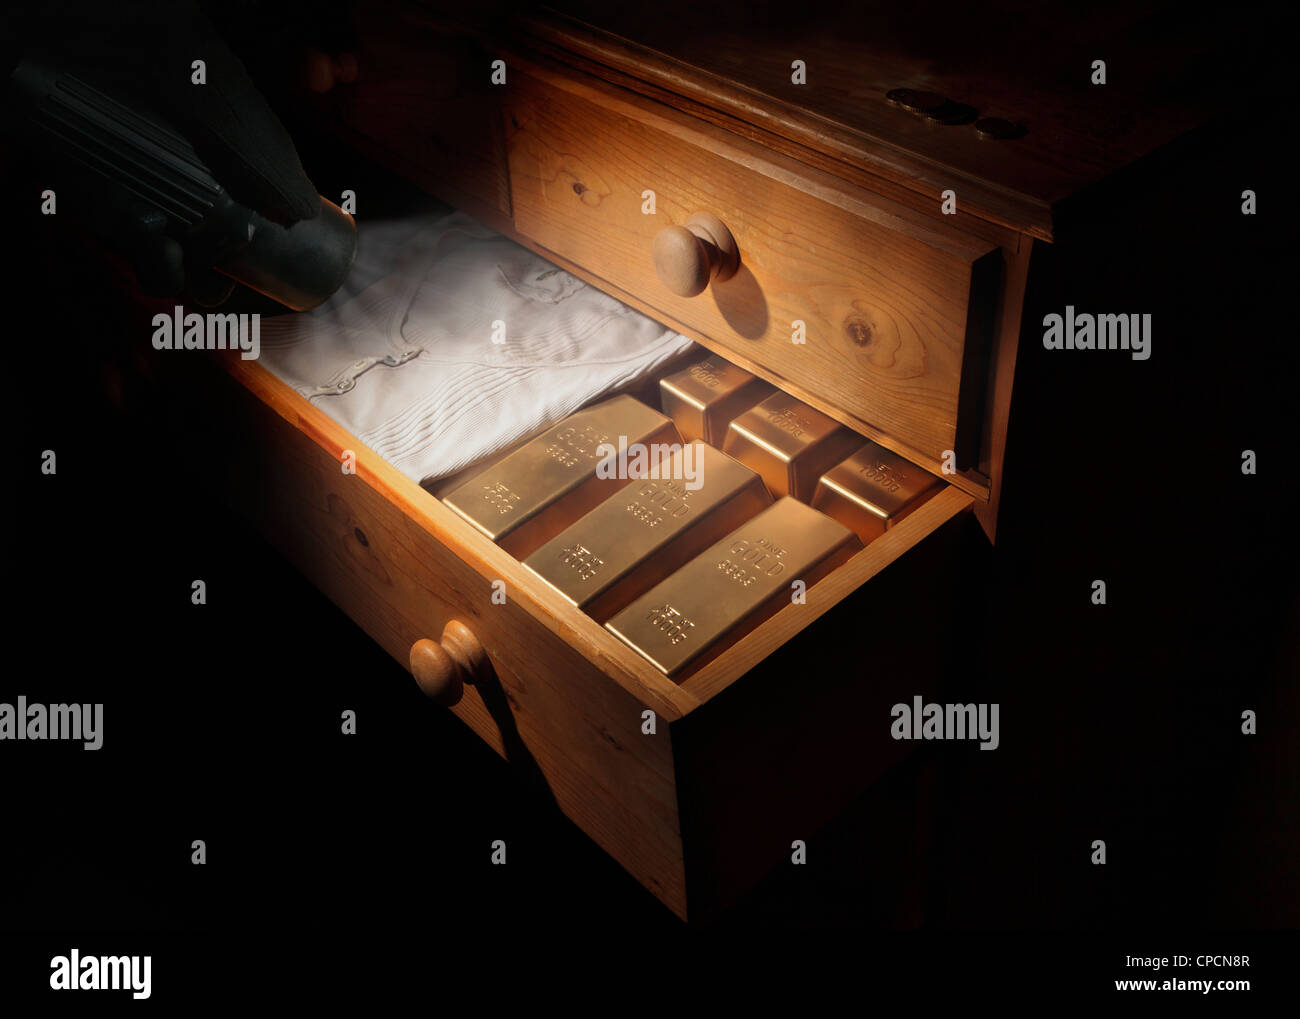 Gold bars in dresser drawer - Stock Image